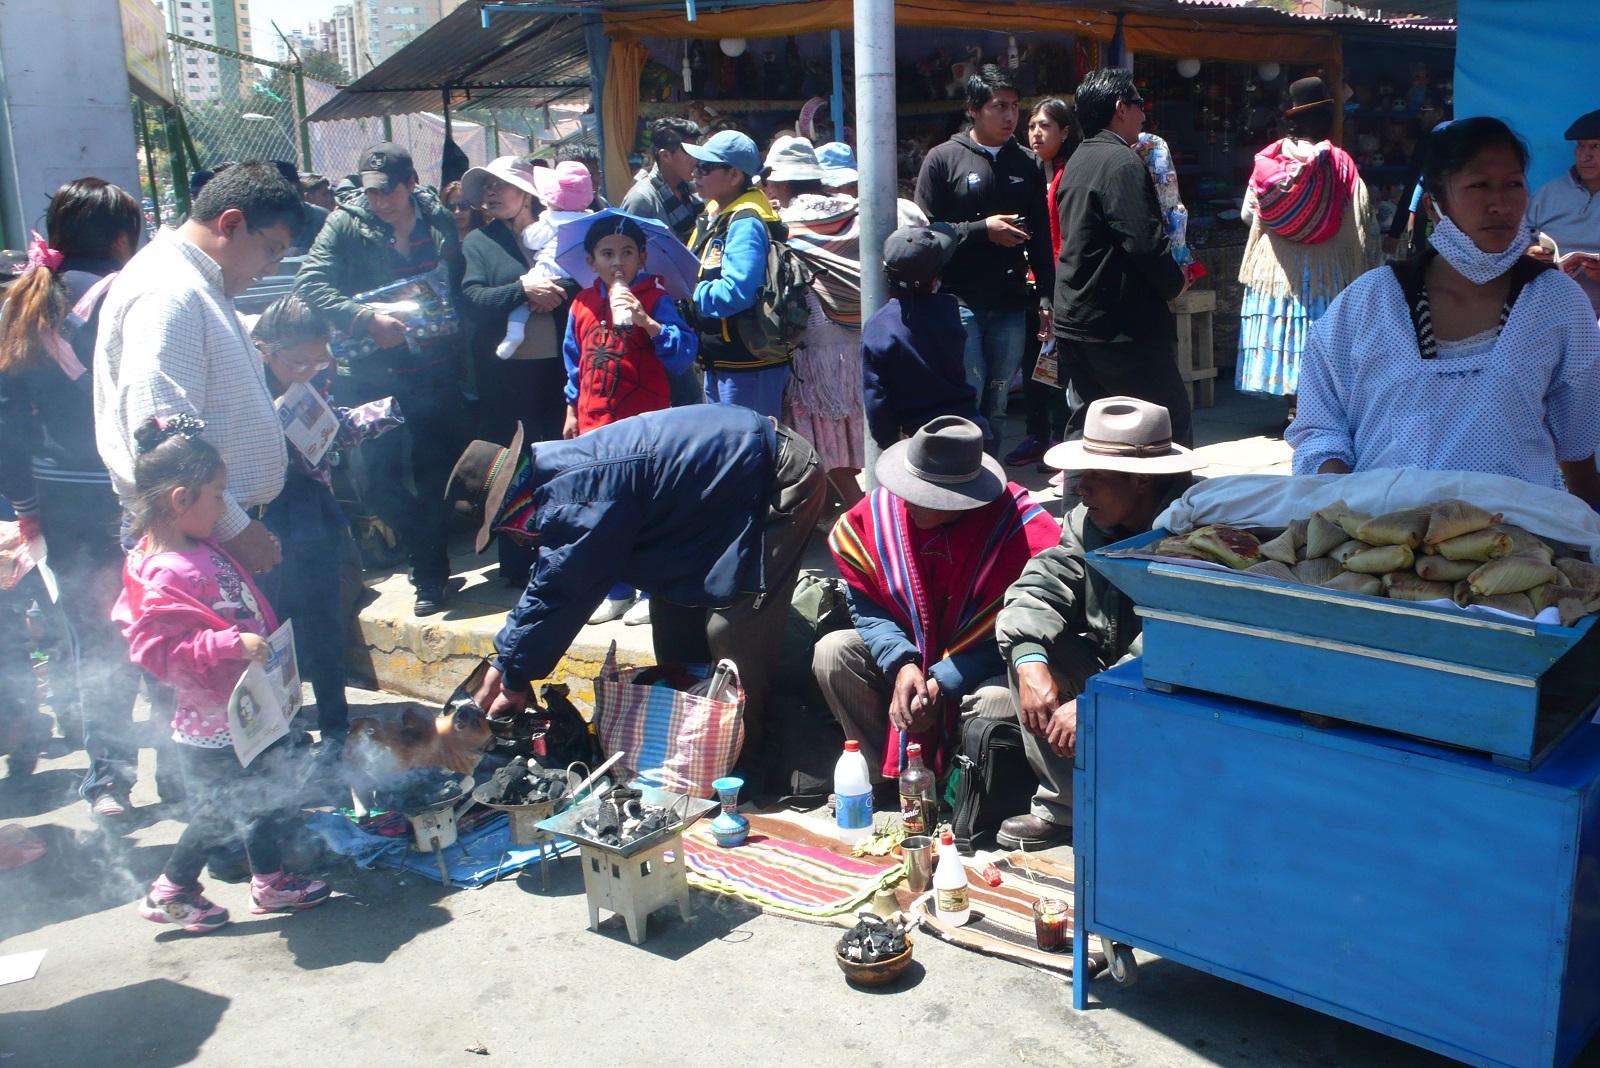 Alasitas-markkinoilla myydään esimerkiksi bolivialaisia lihapiirakoita (salteñas).